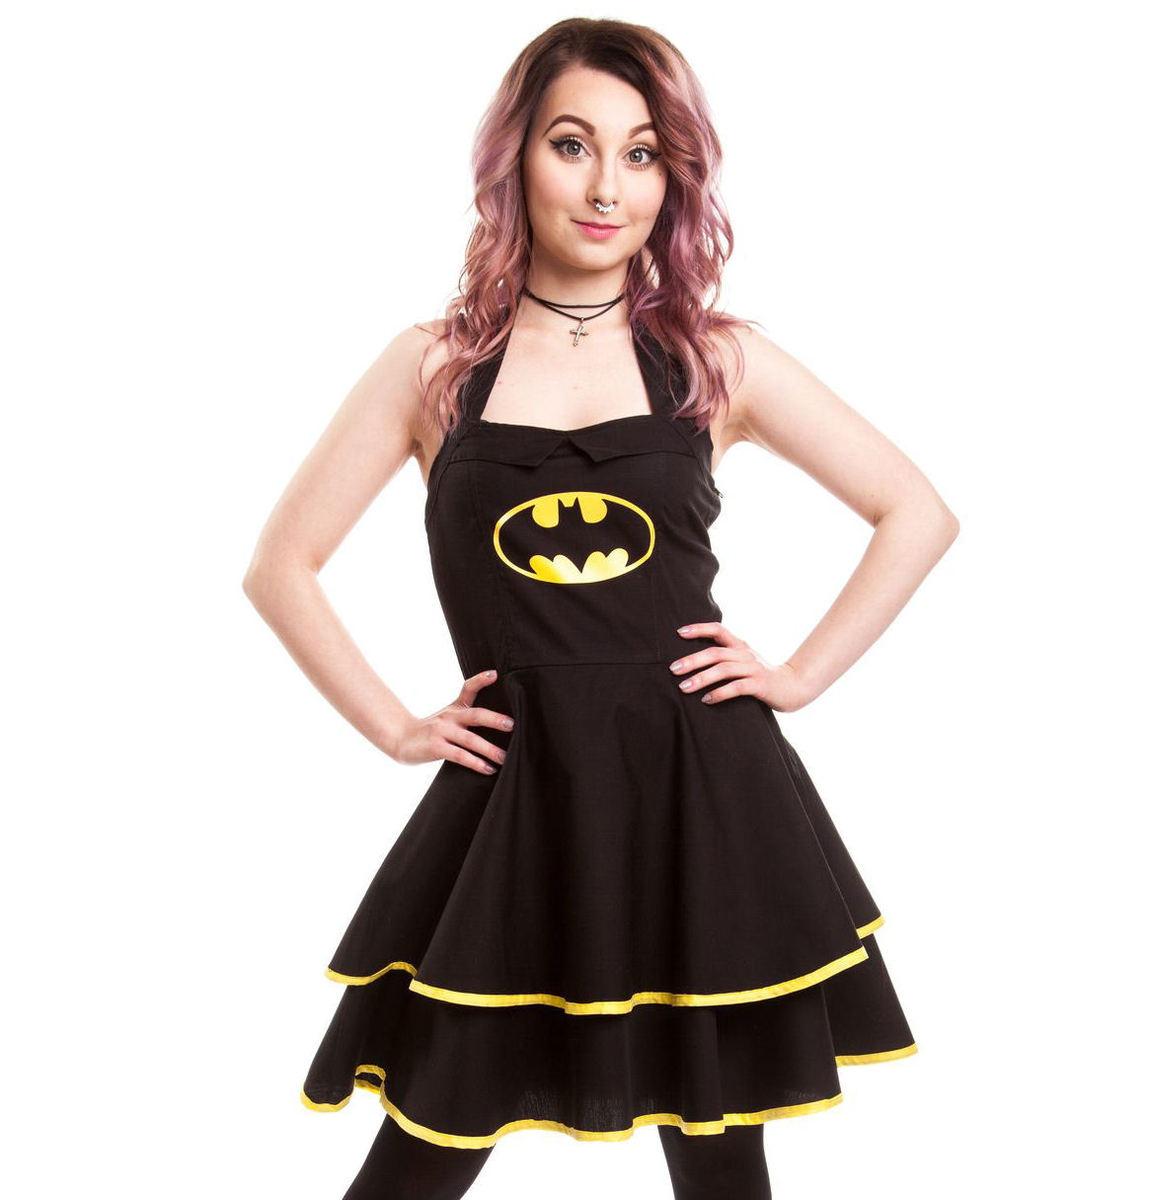 šaty dámské BATMAN - Batman Cape - Black - POI093 S